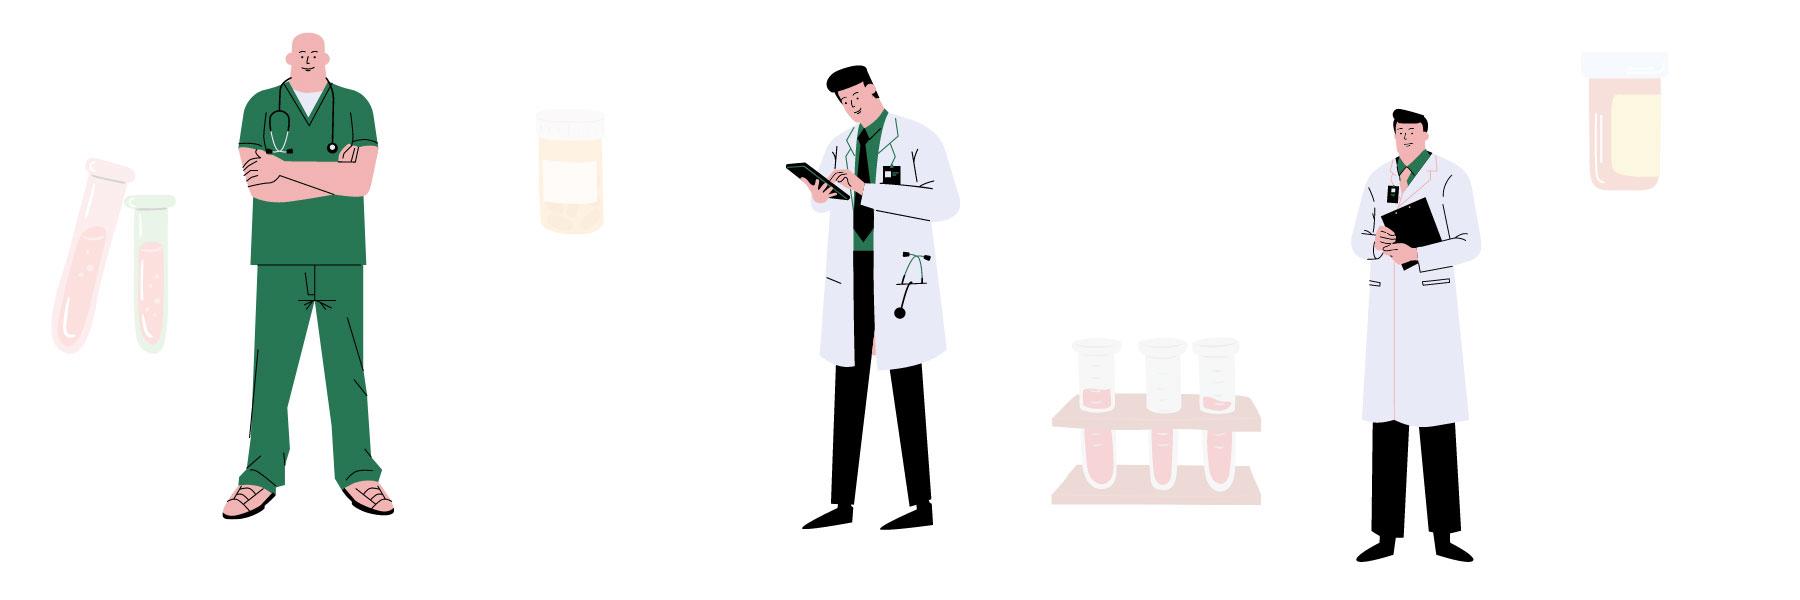 laboratorio-analisi-mediche-san-giorgio-pavia-san-genesio-uniti-milano-11